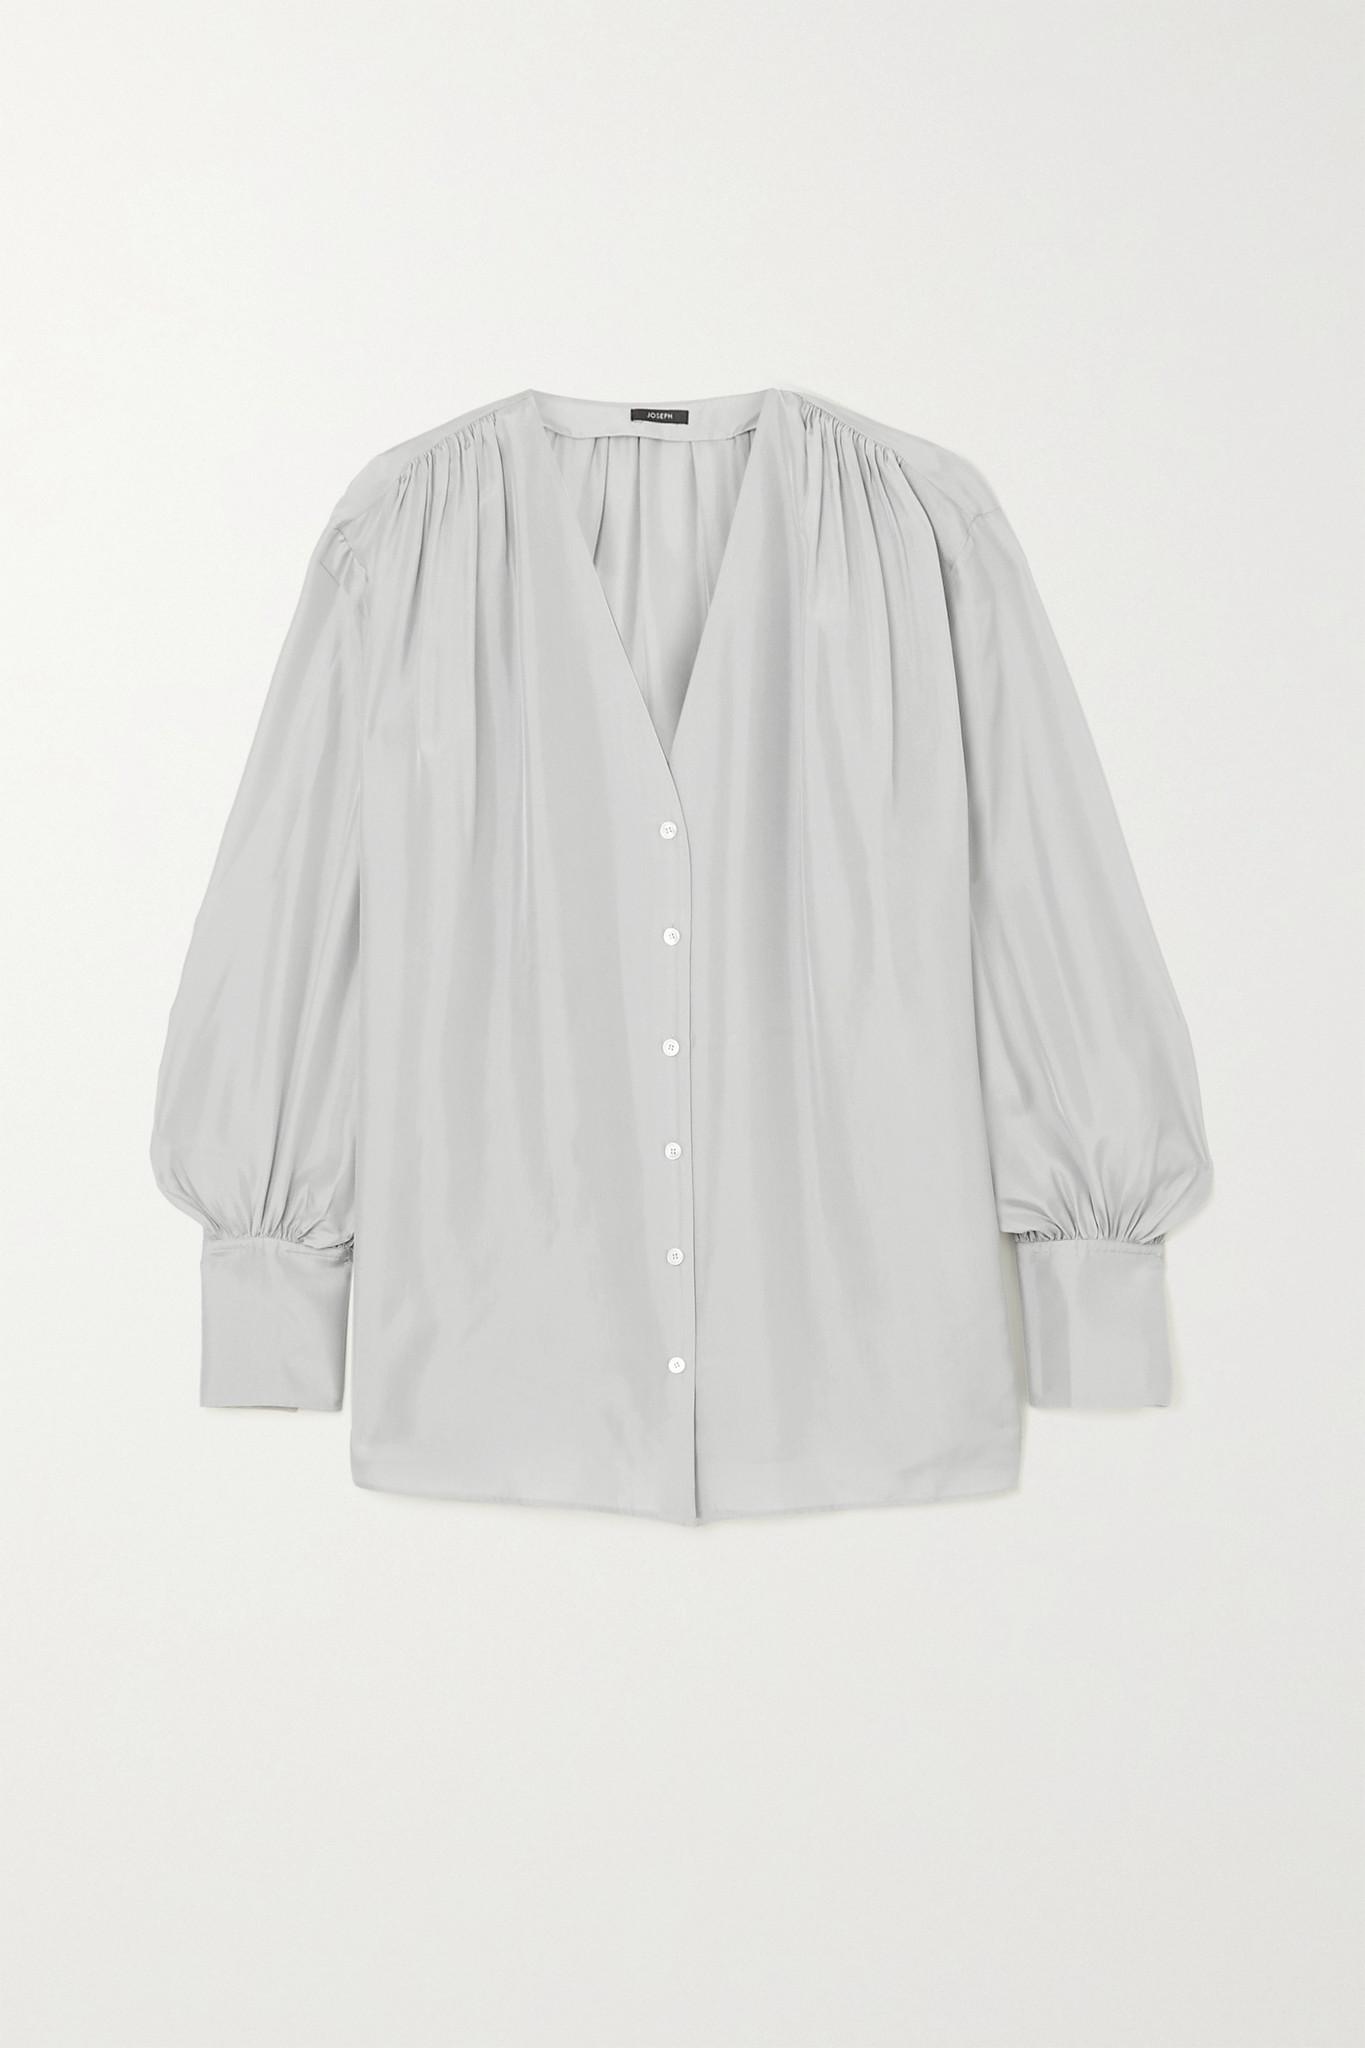 JOSEPH - Bary 缩褶真丝电力纺女衫 - 灰色 - FR40